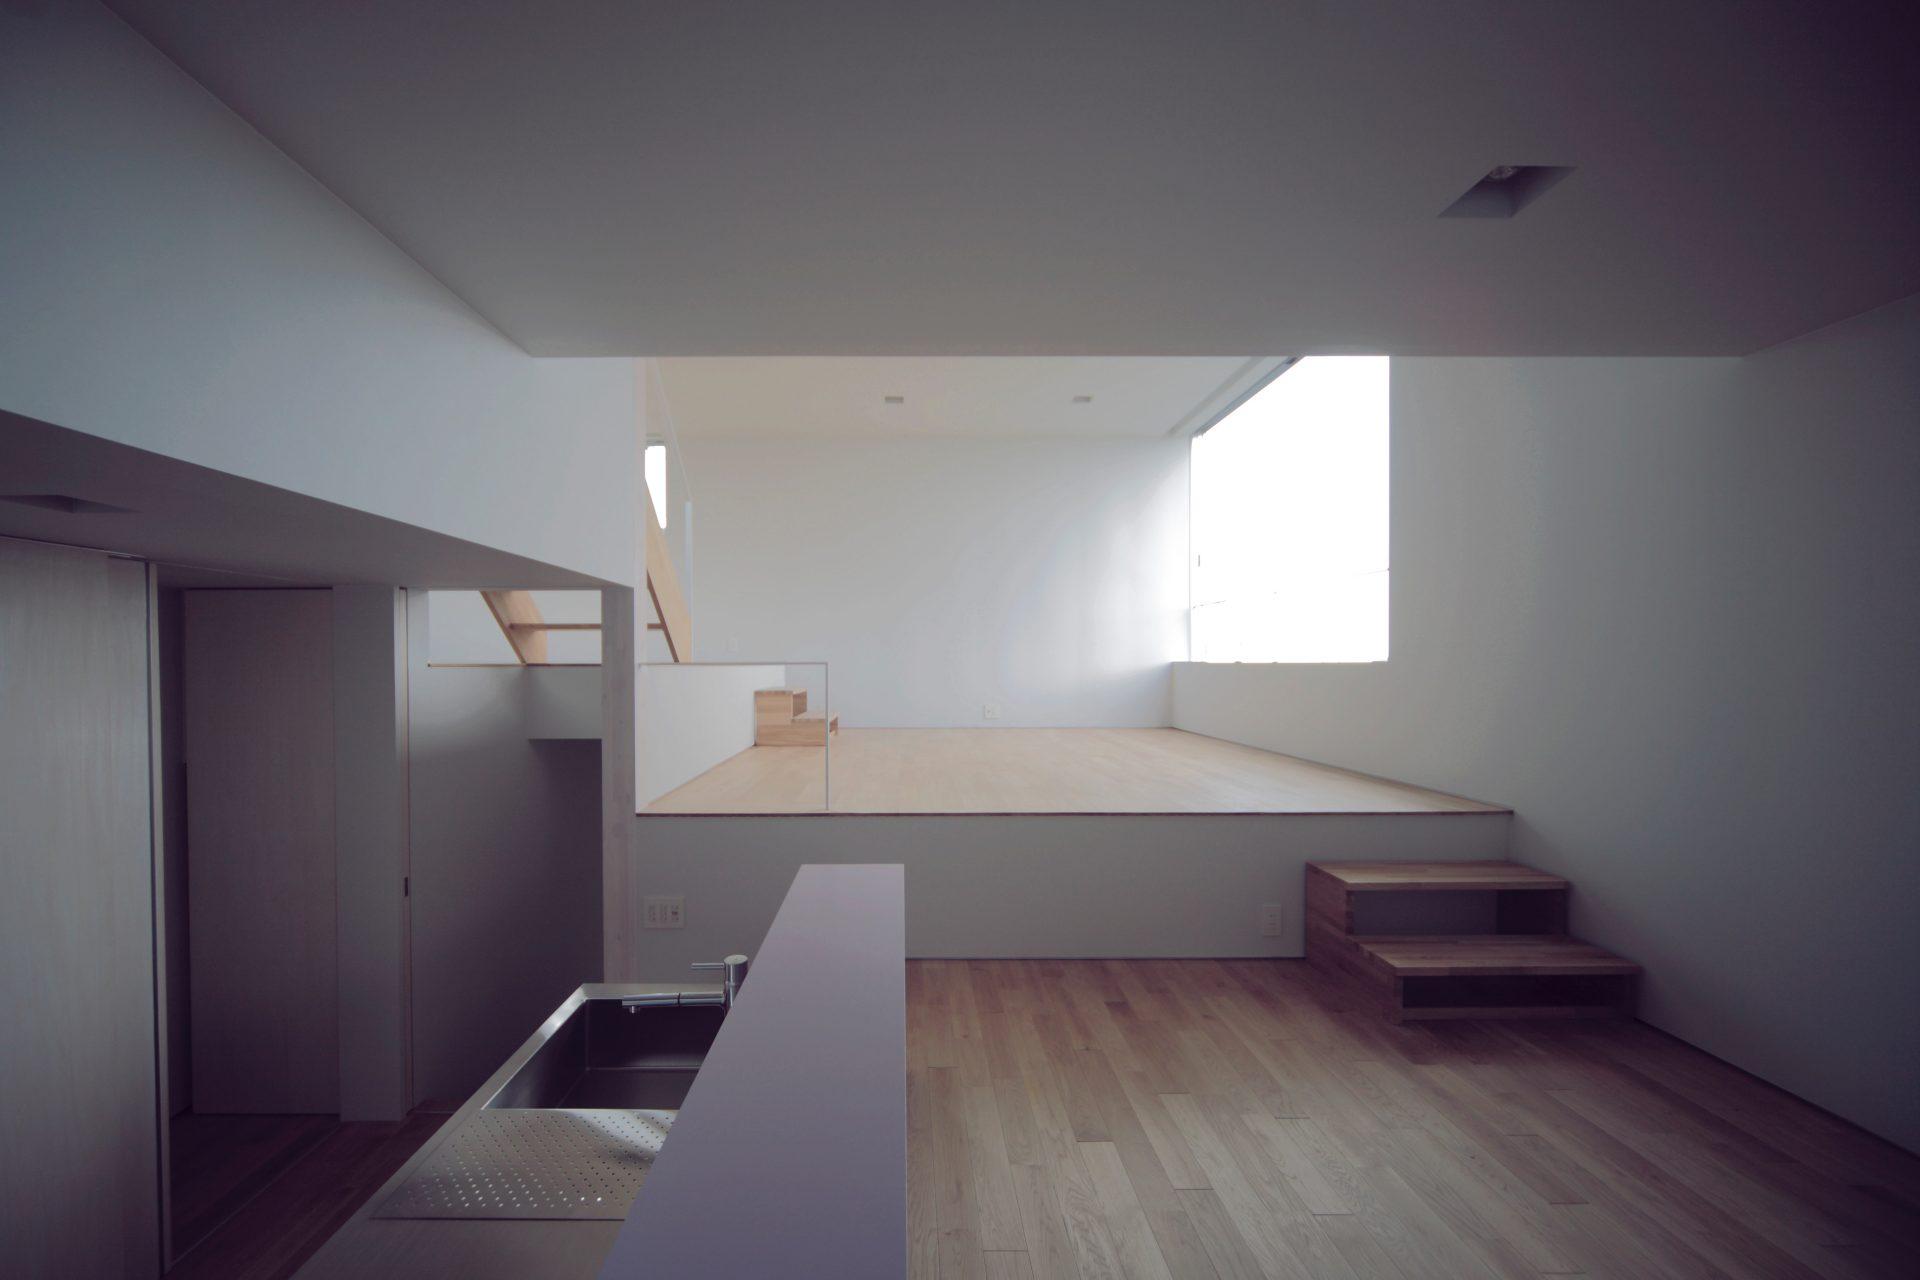 大阪香里園の家のダイニングキッチン02